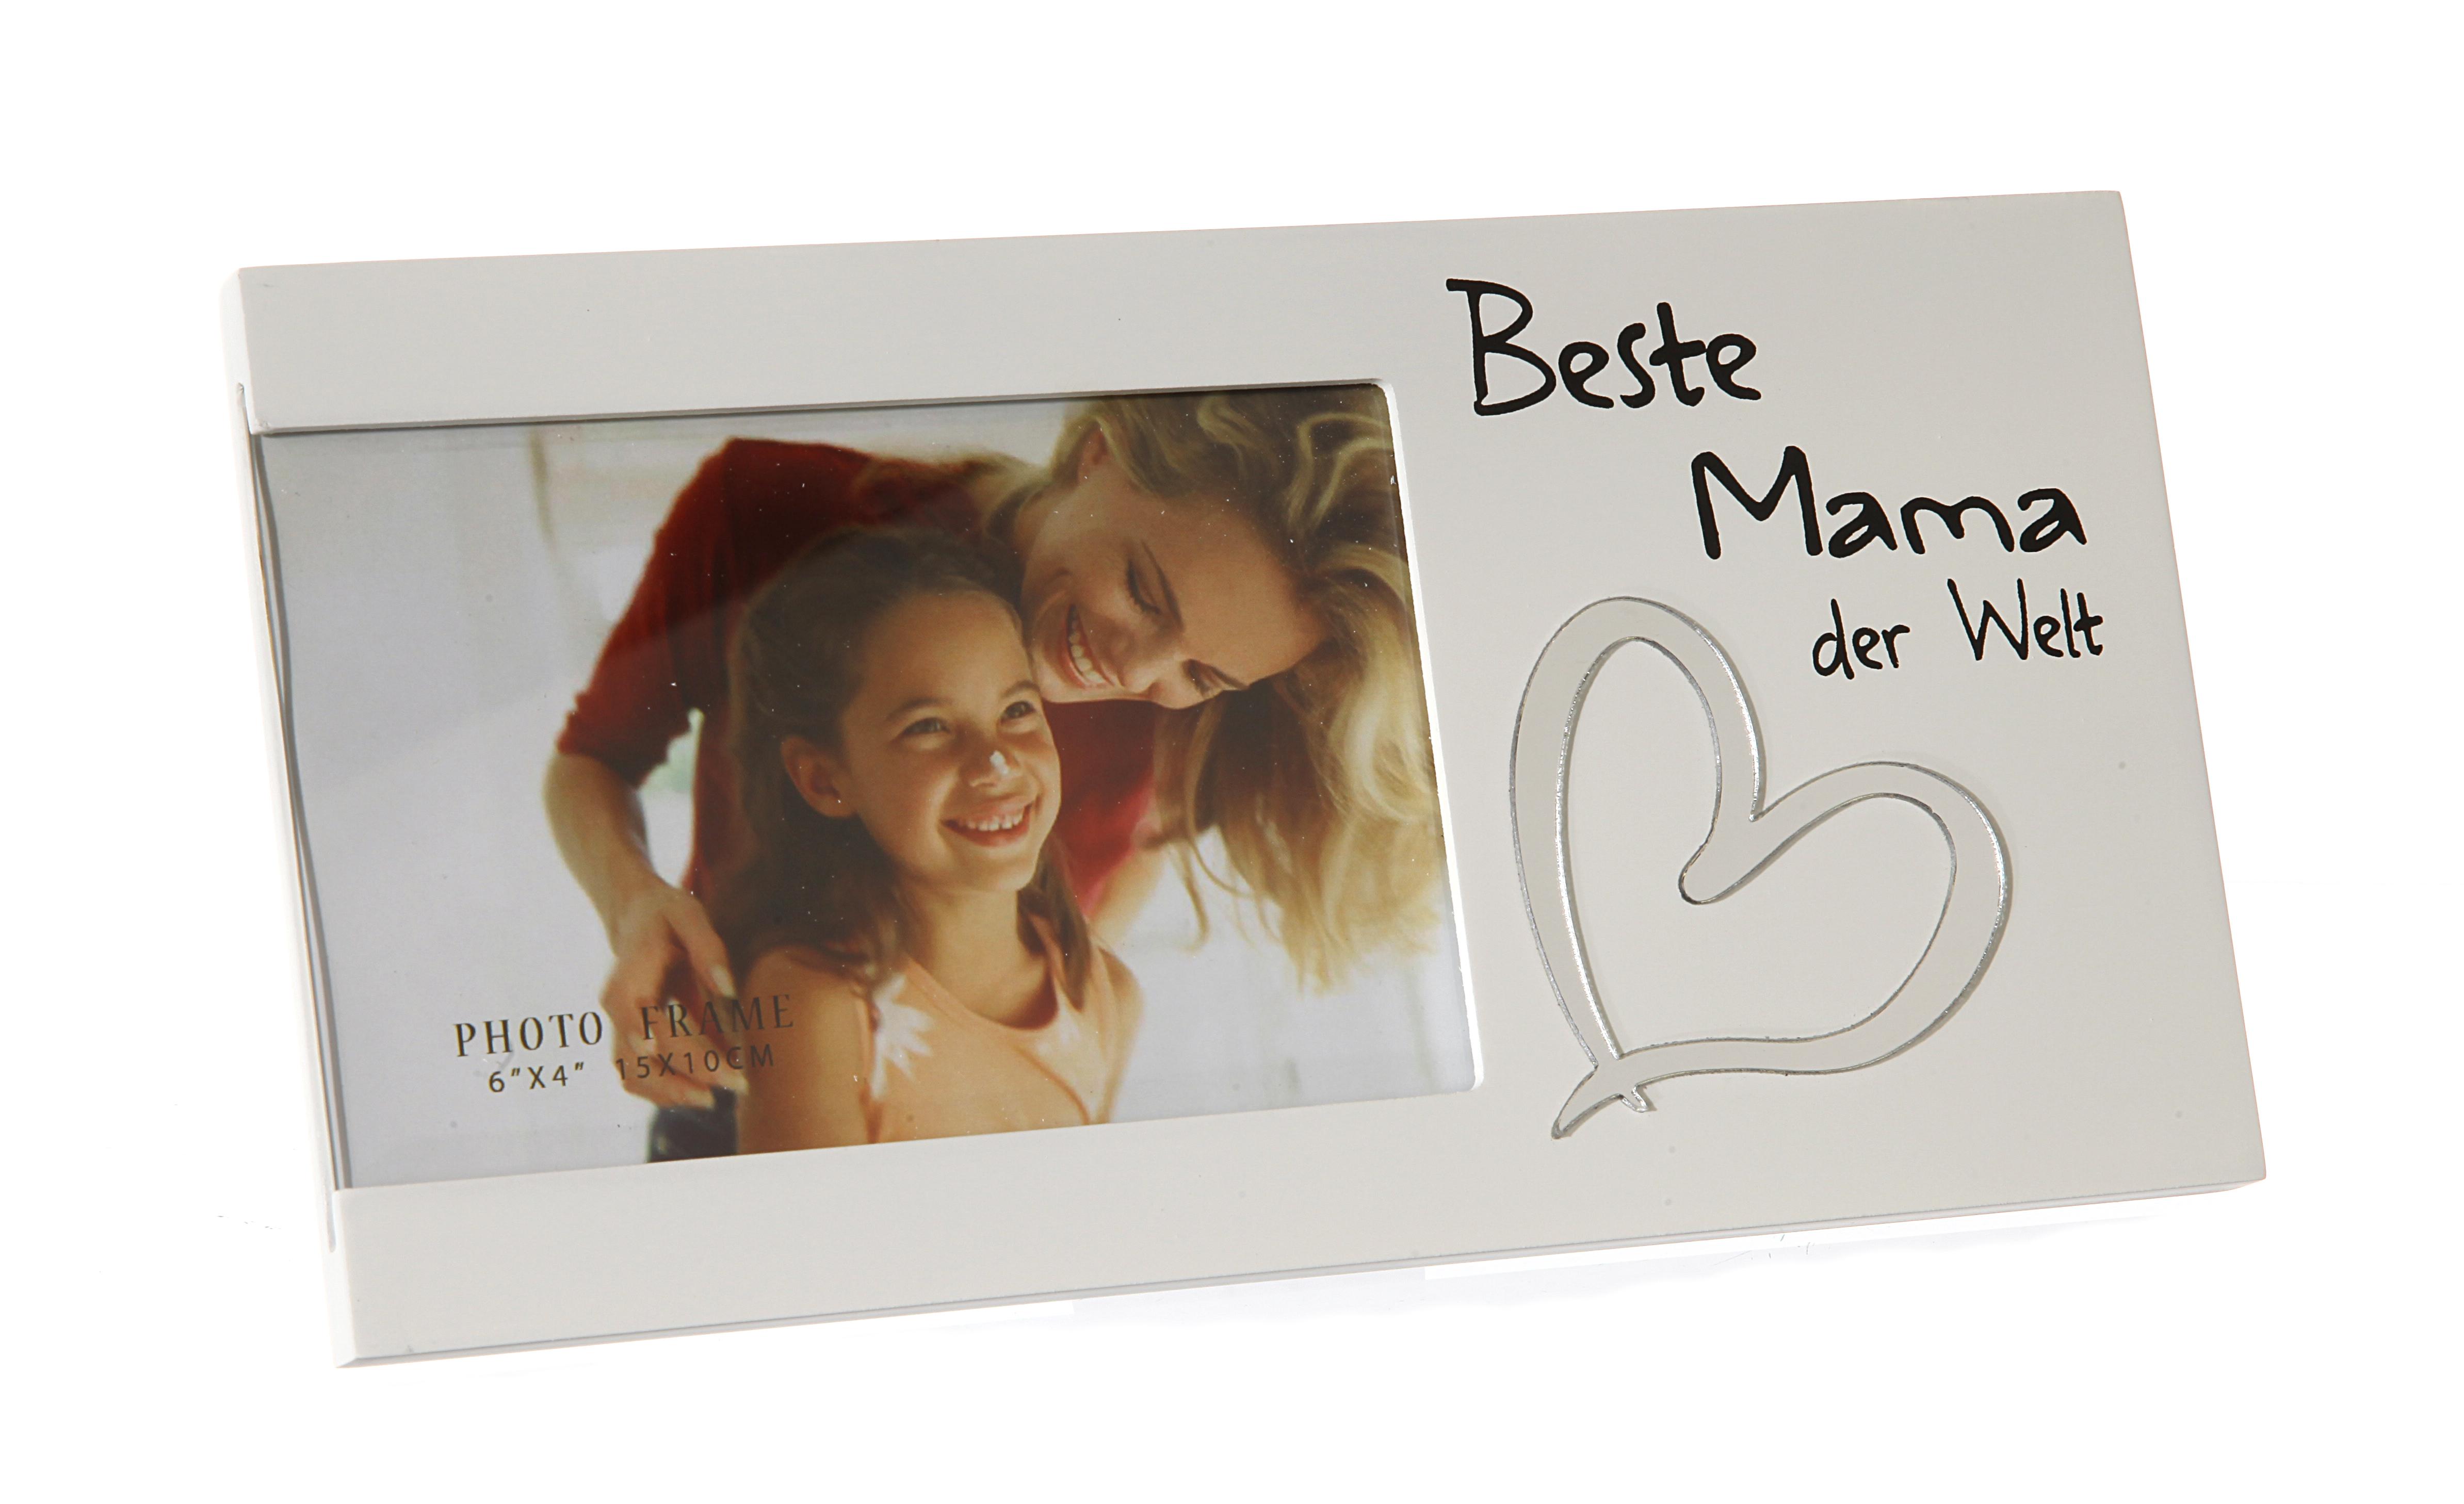 Bilderrahmen Foto Spruch Beste Mama der Welt Geschenk Muttertag   eBay